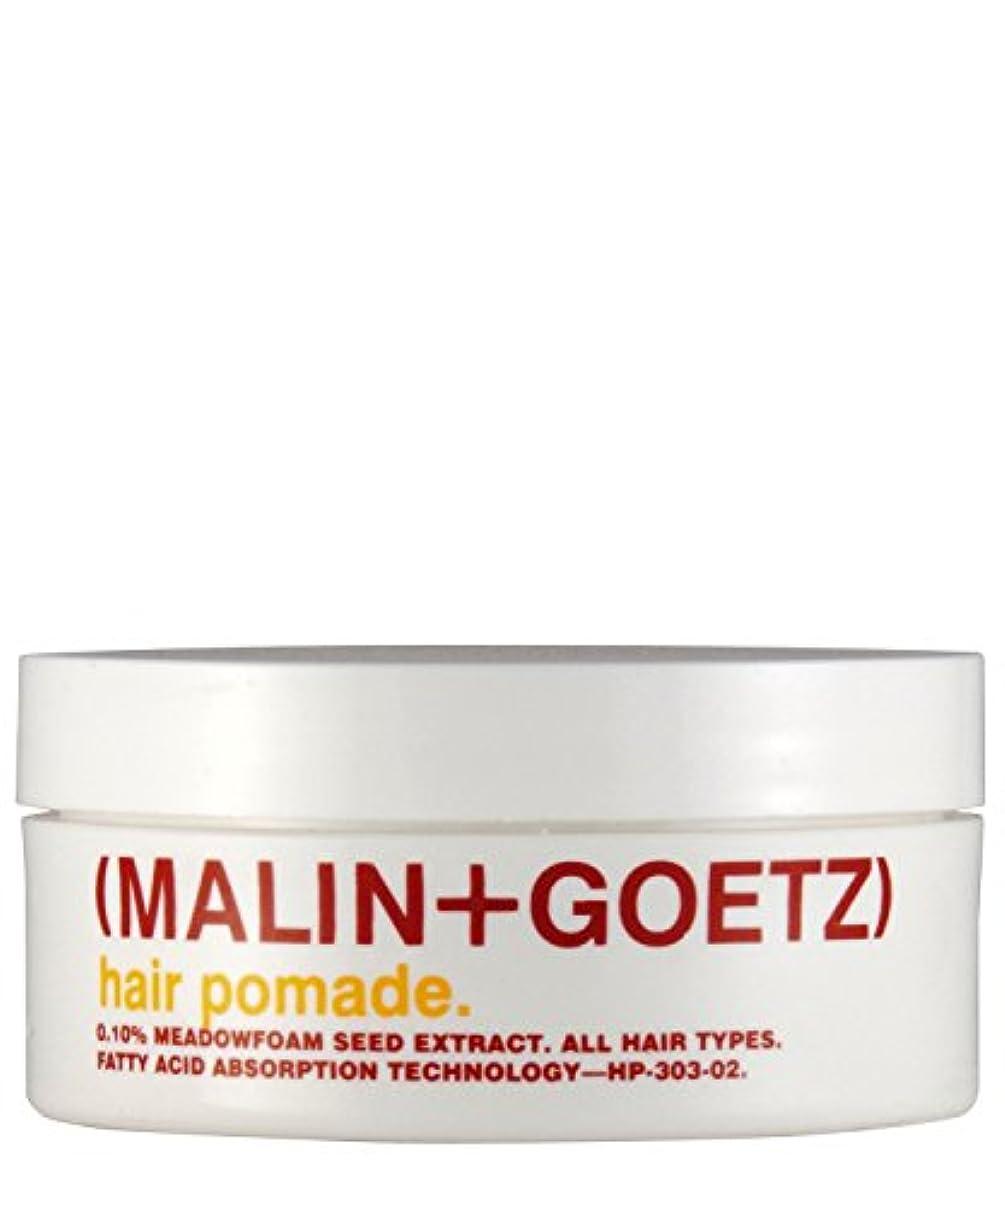 ボクシング靴下人差し指MALIN+GOETZ Hair Pomade, Malin+Goetz - マリン+ゲッツヘアポマード、マリン+ゲッツ [並行輸入品]